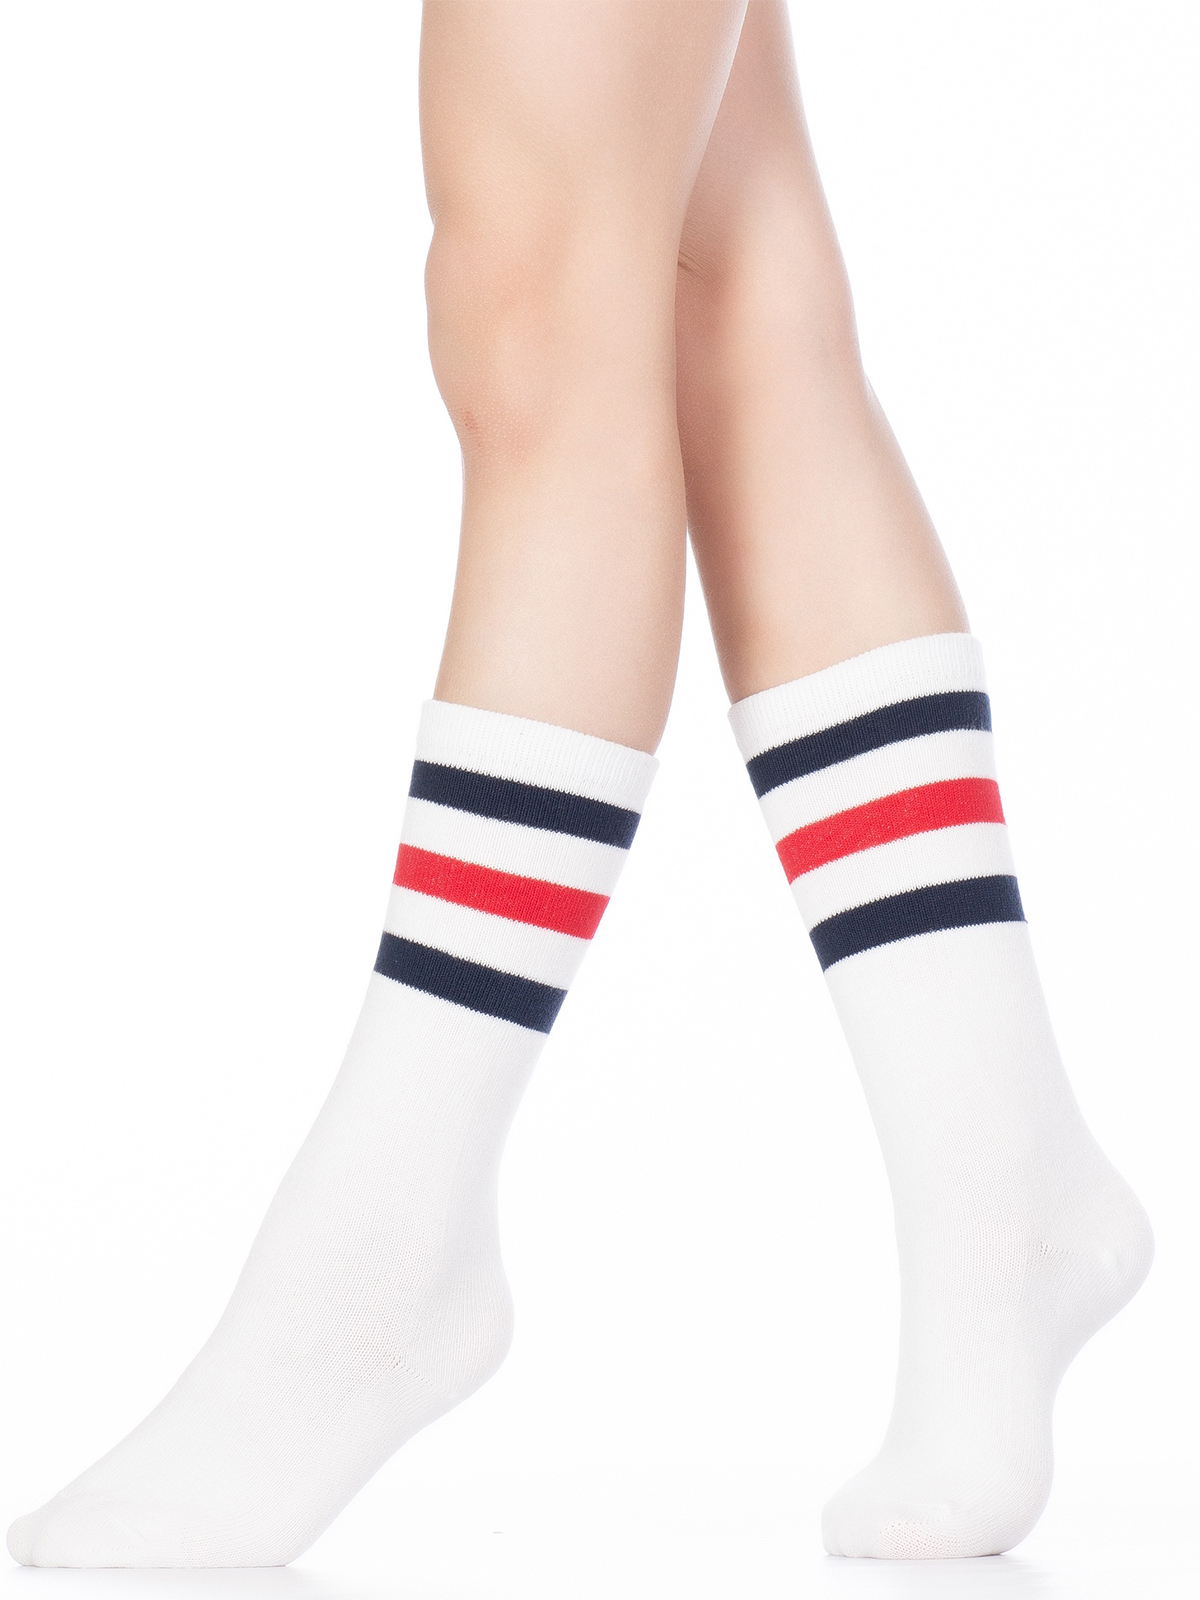 Купить Гольфы детские Hobby Line 4490-1 белый, красный, синий, 10-12, Гольфы для девочек